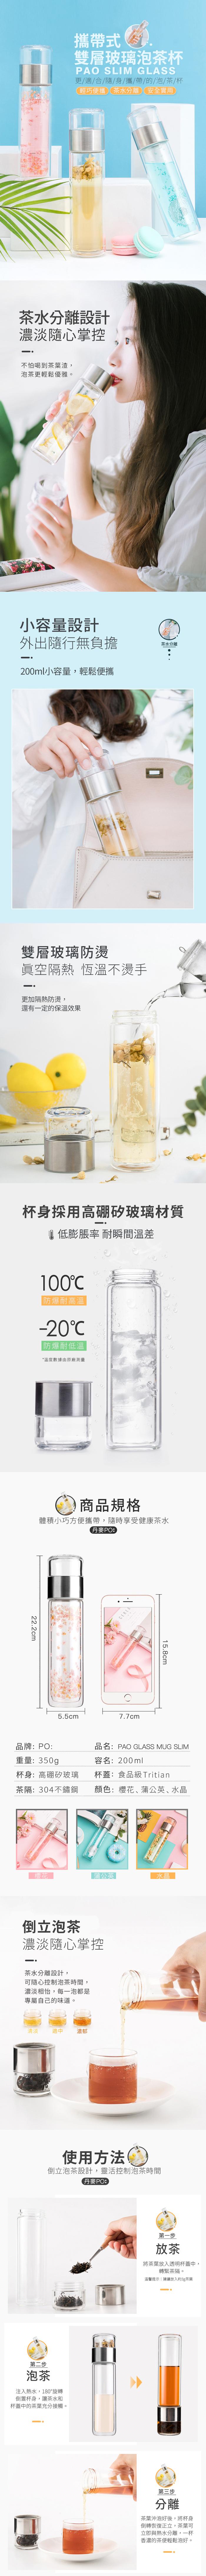 (複製)【PO:Selected】丹麥泡茶玻璃杯350ml 2.0 (黑+灰)